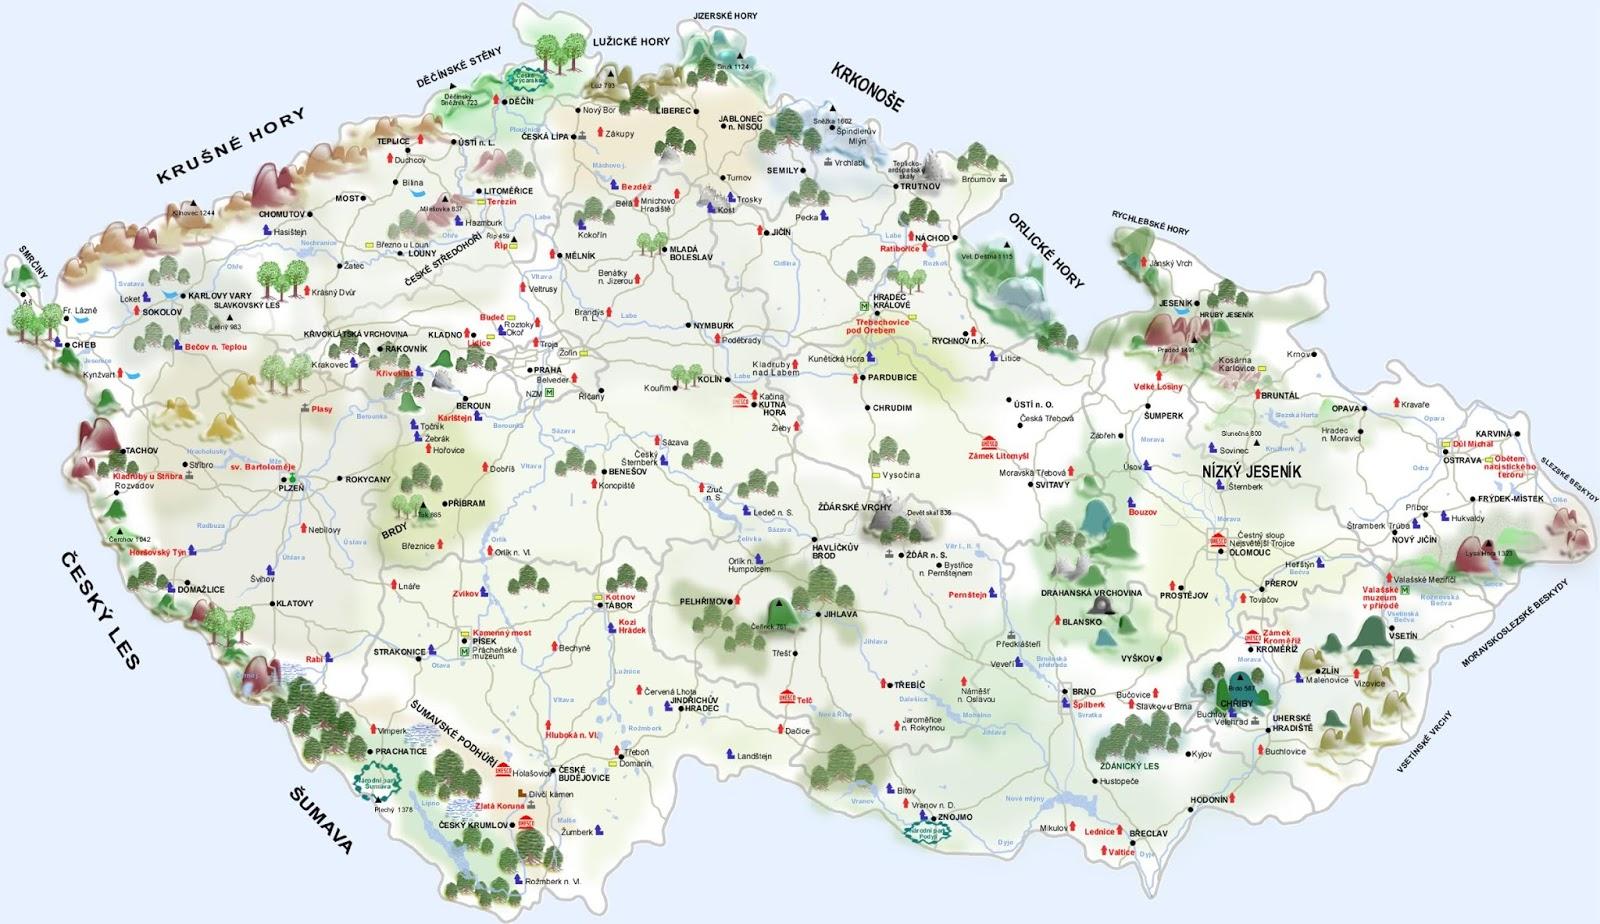 Mapa Mapa Hory